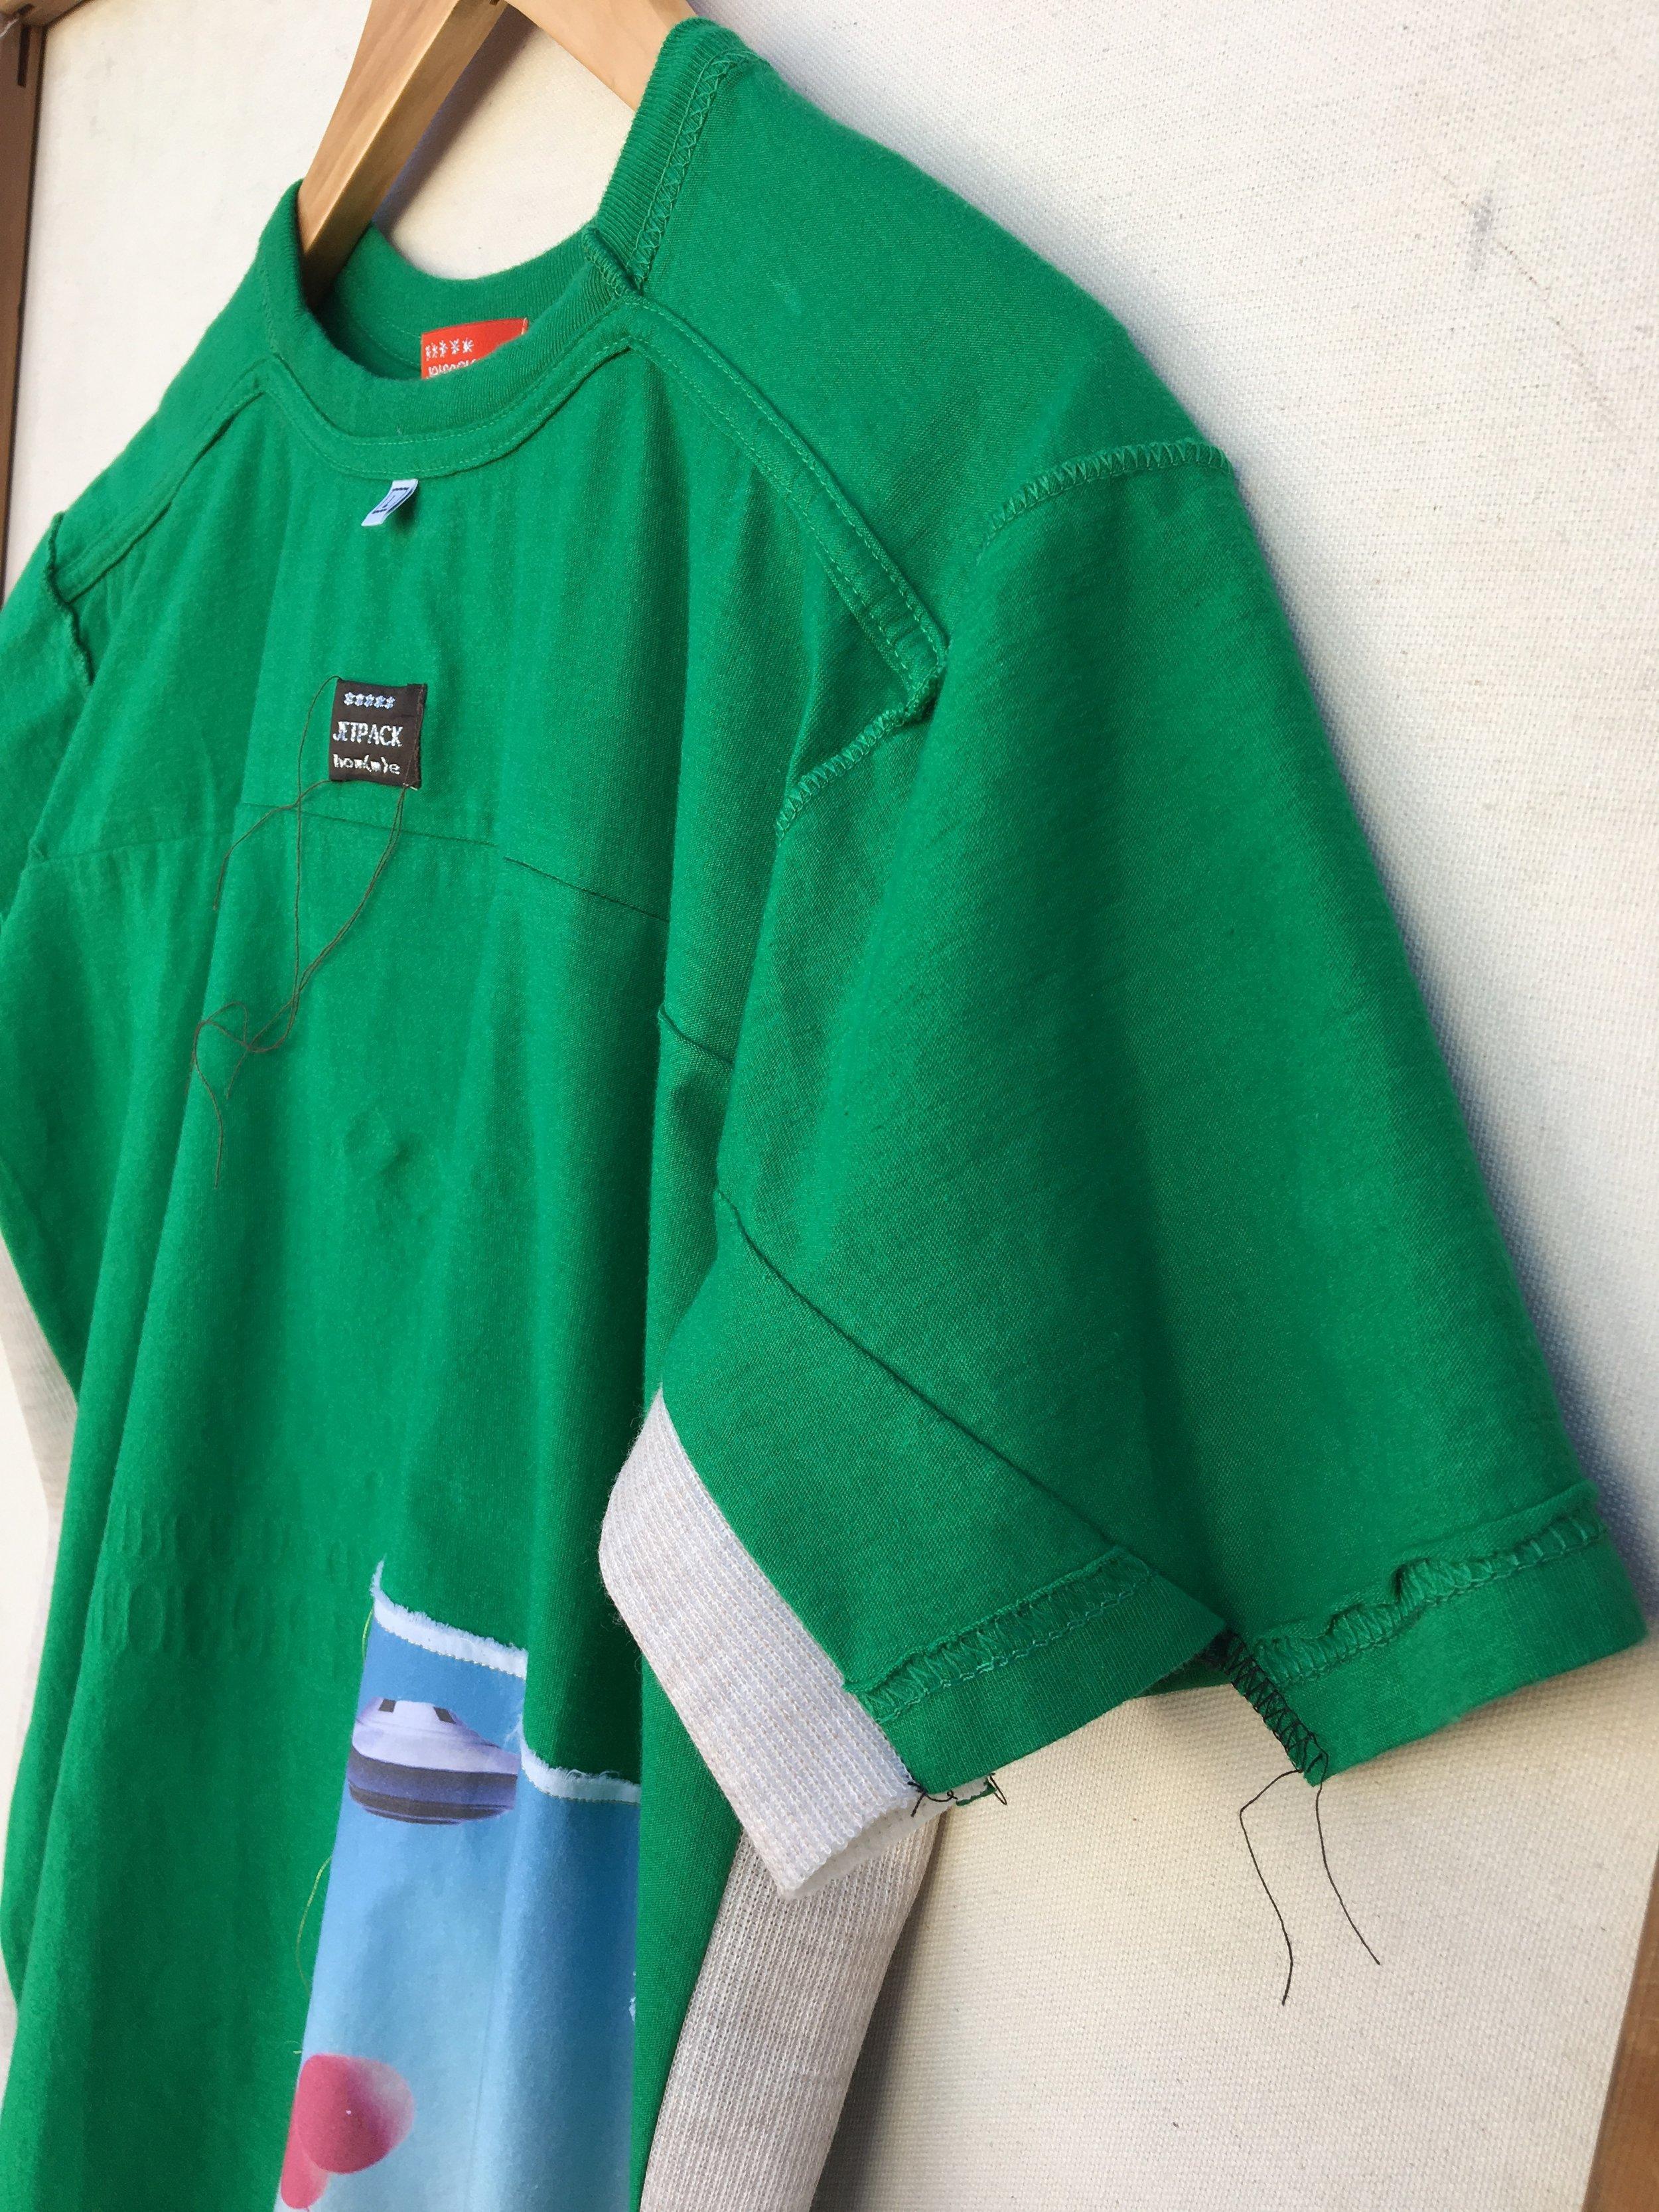 shirt 15_front detail.JPG